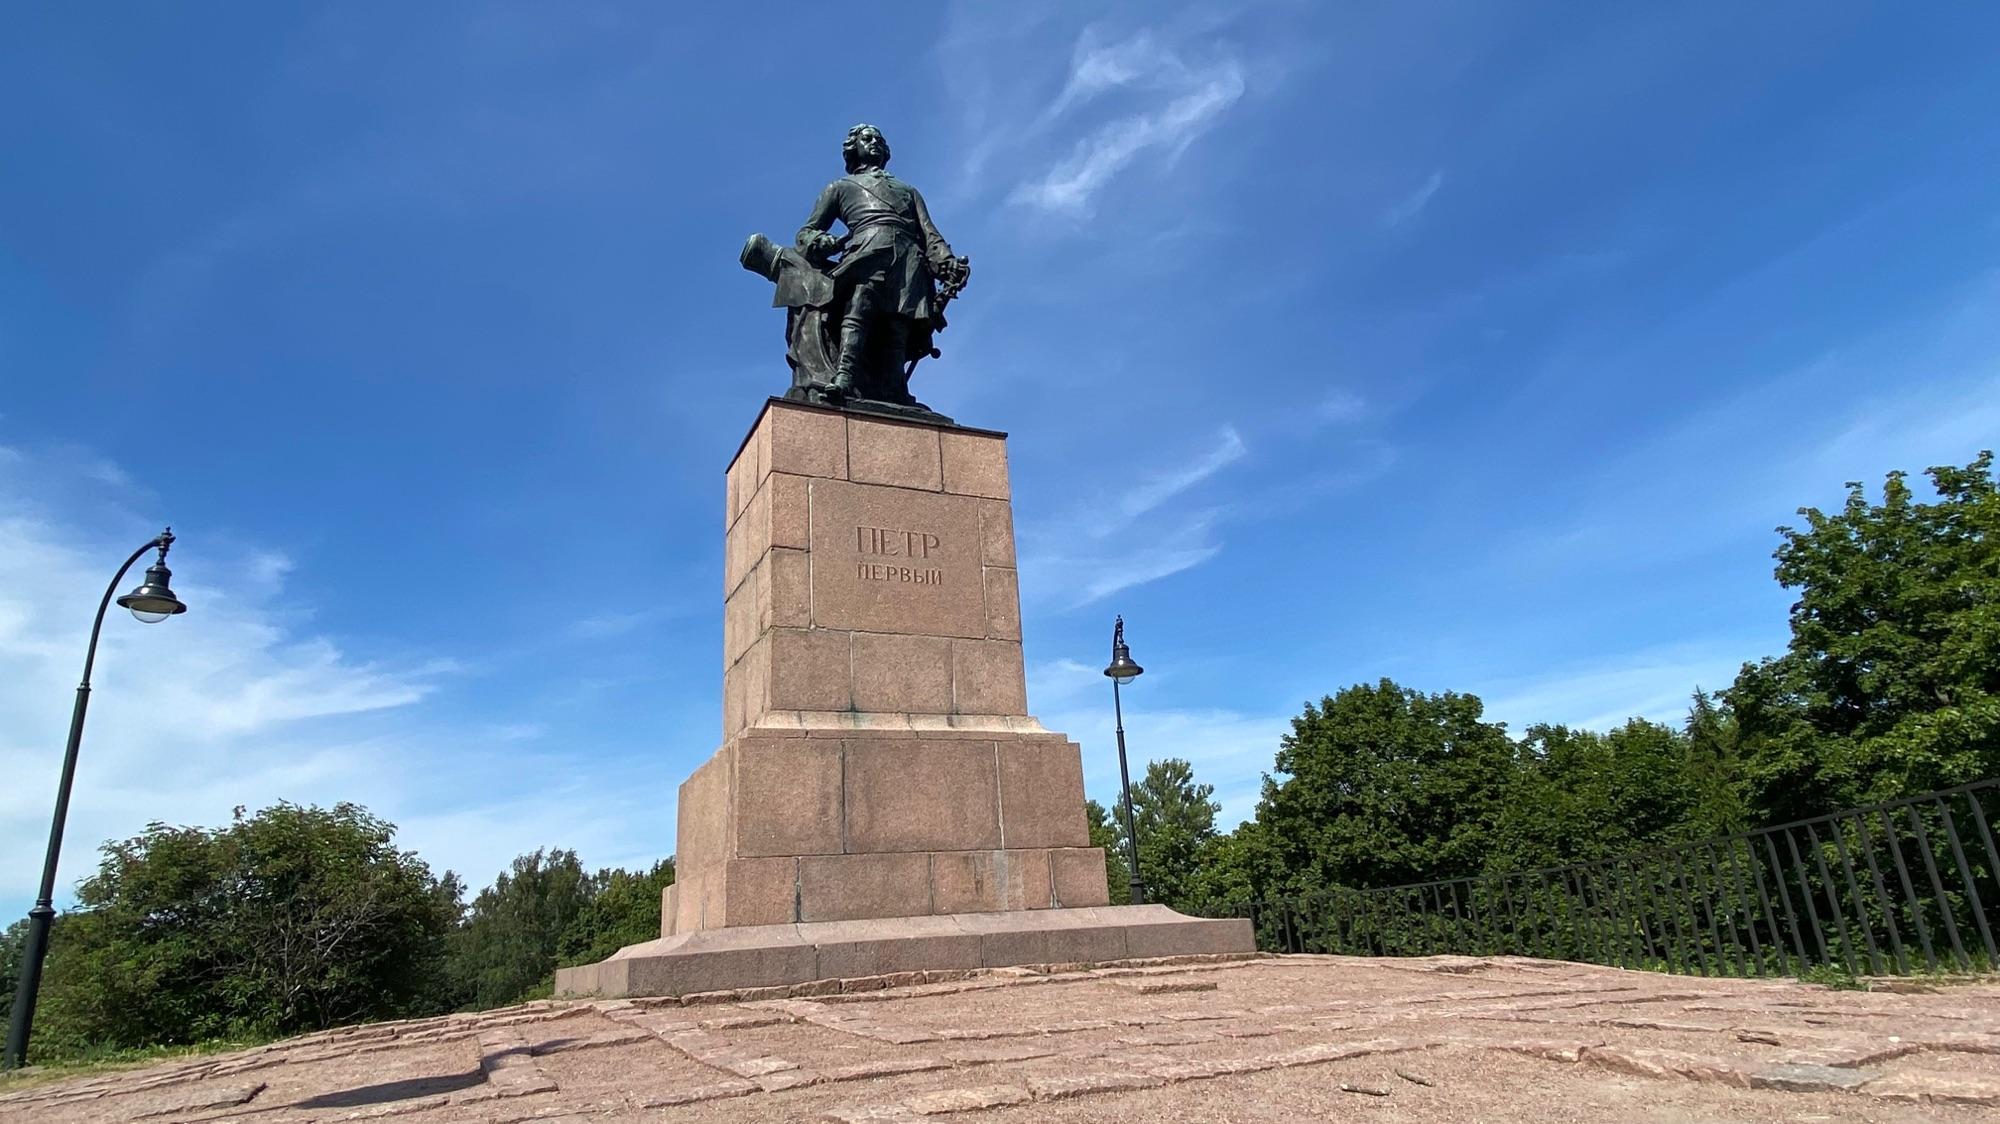 Памятник Петру Первому в городе Выборг